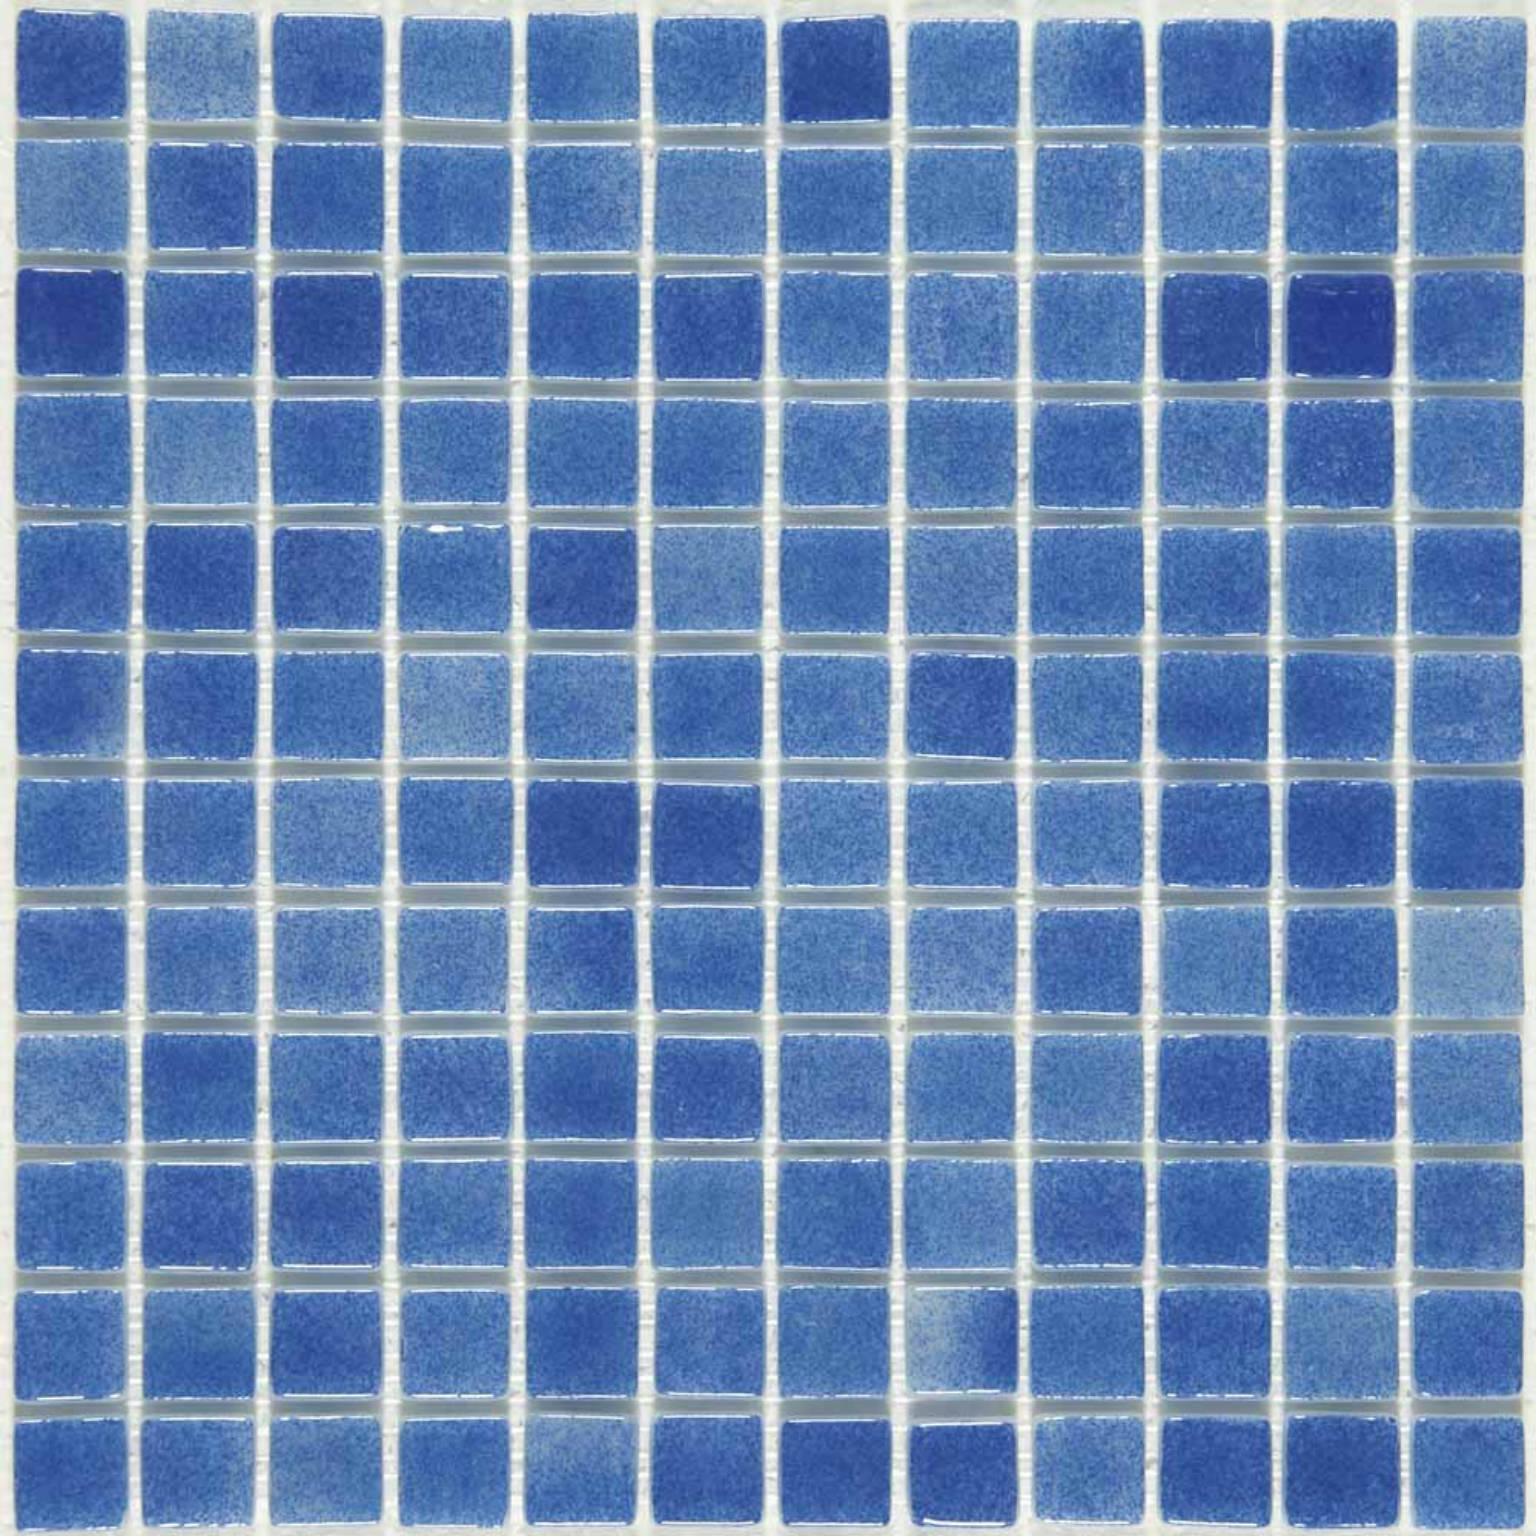 Br-2004 Azul Mediterraneo | Mosavit FR